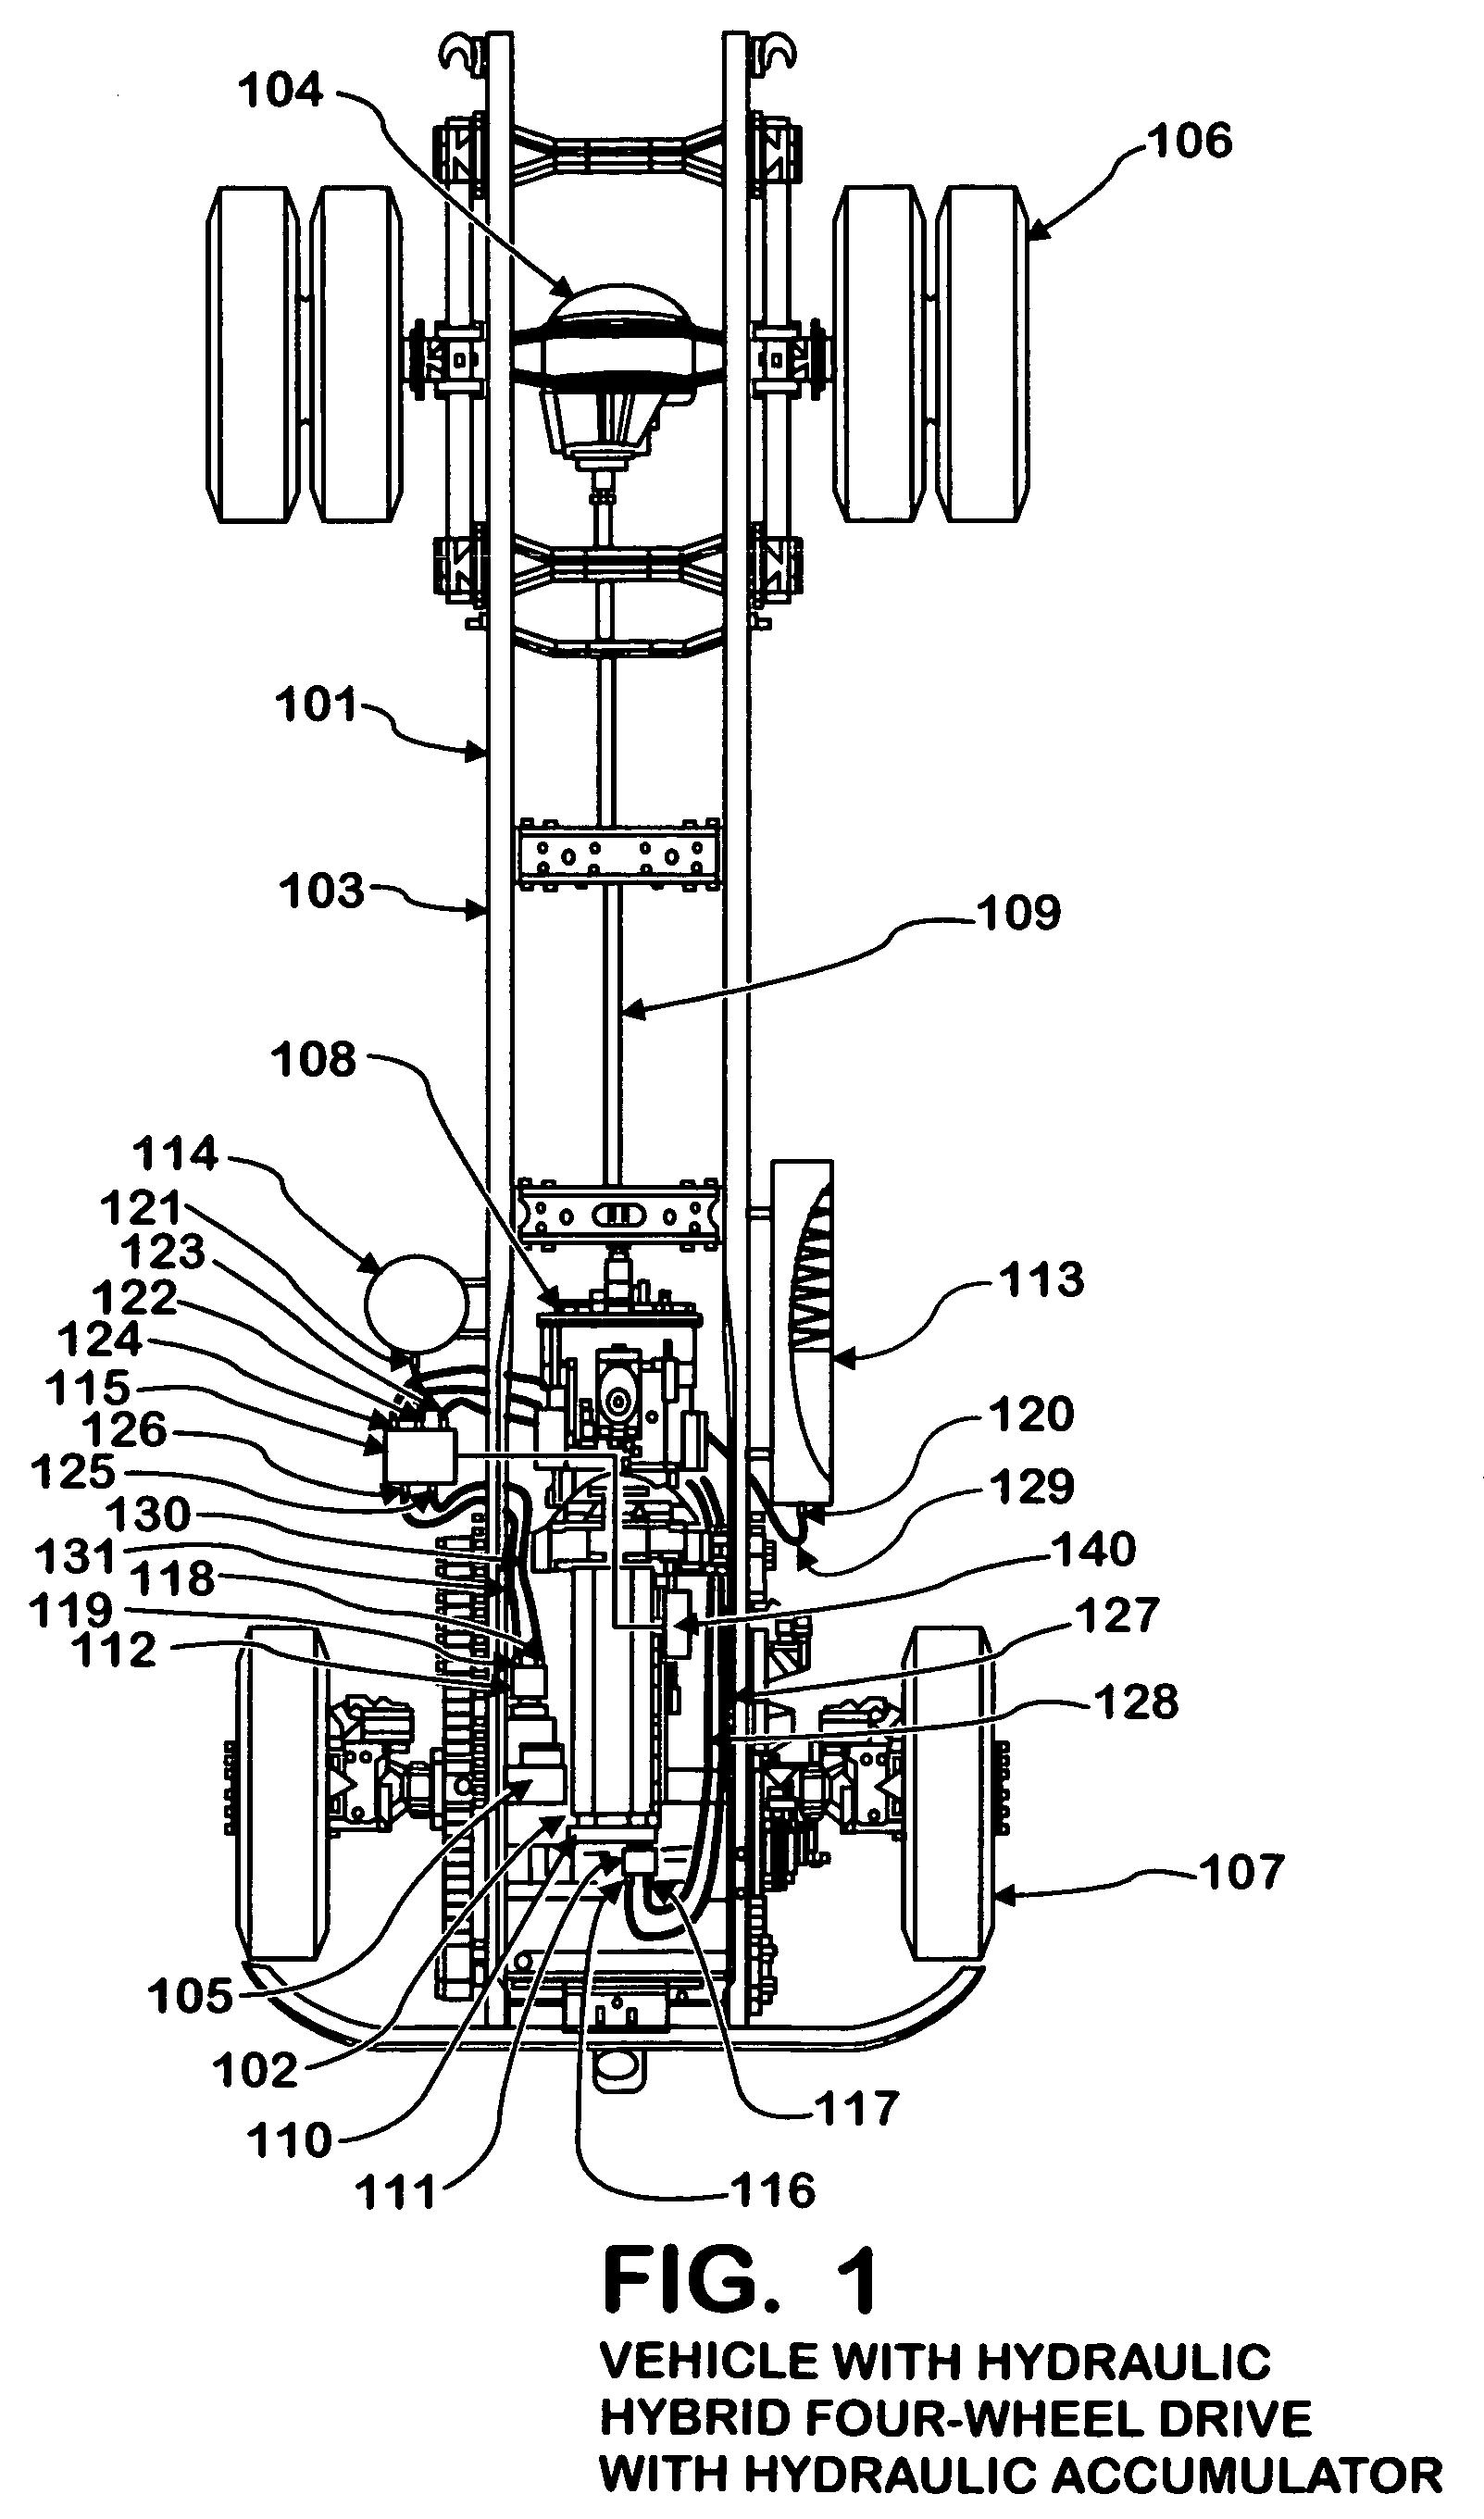 Hydraulic Wheel Drive System : Patent us hydraulic hybrid four wheel drive